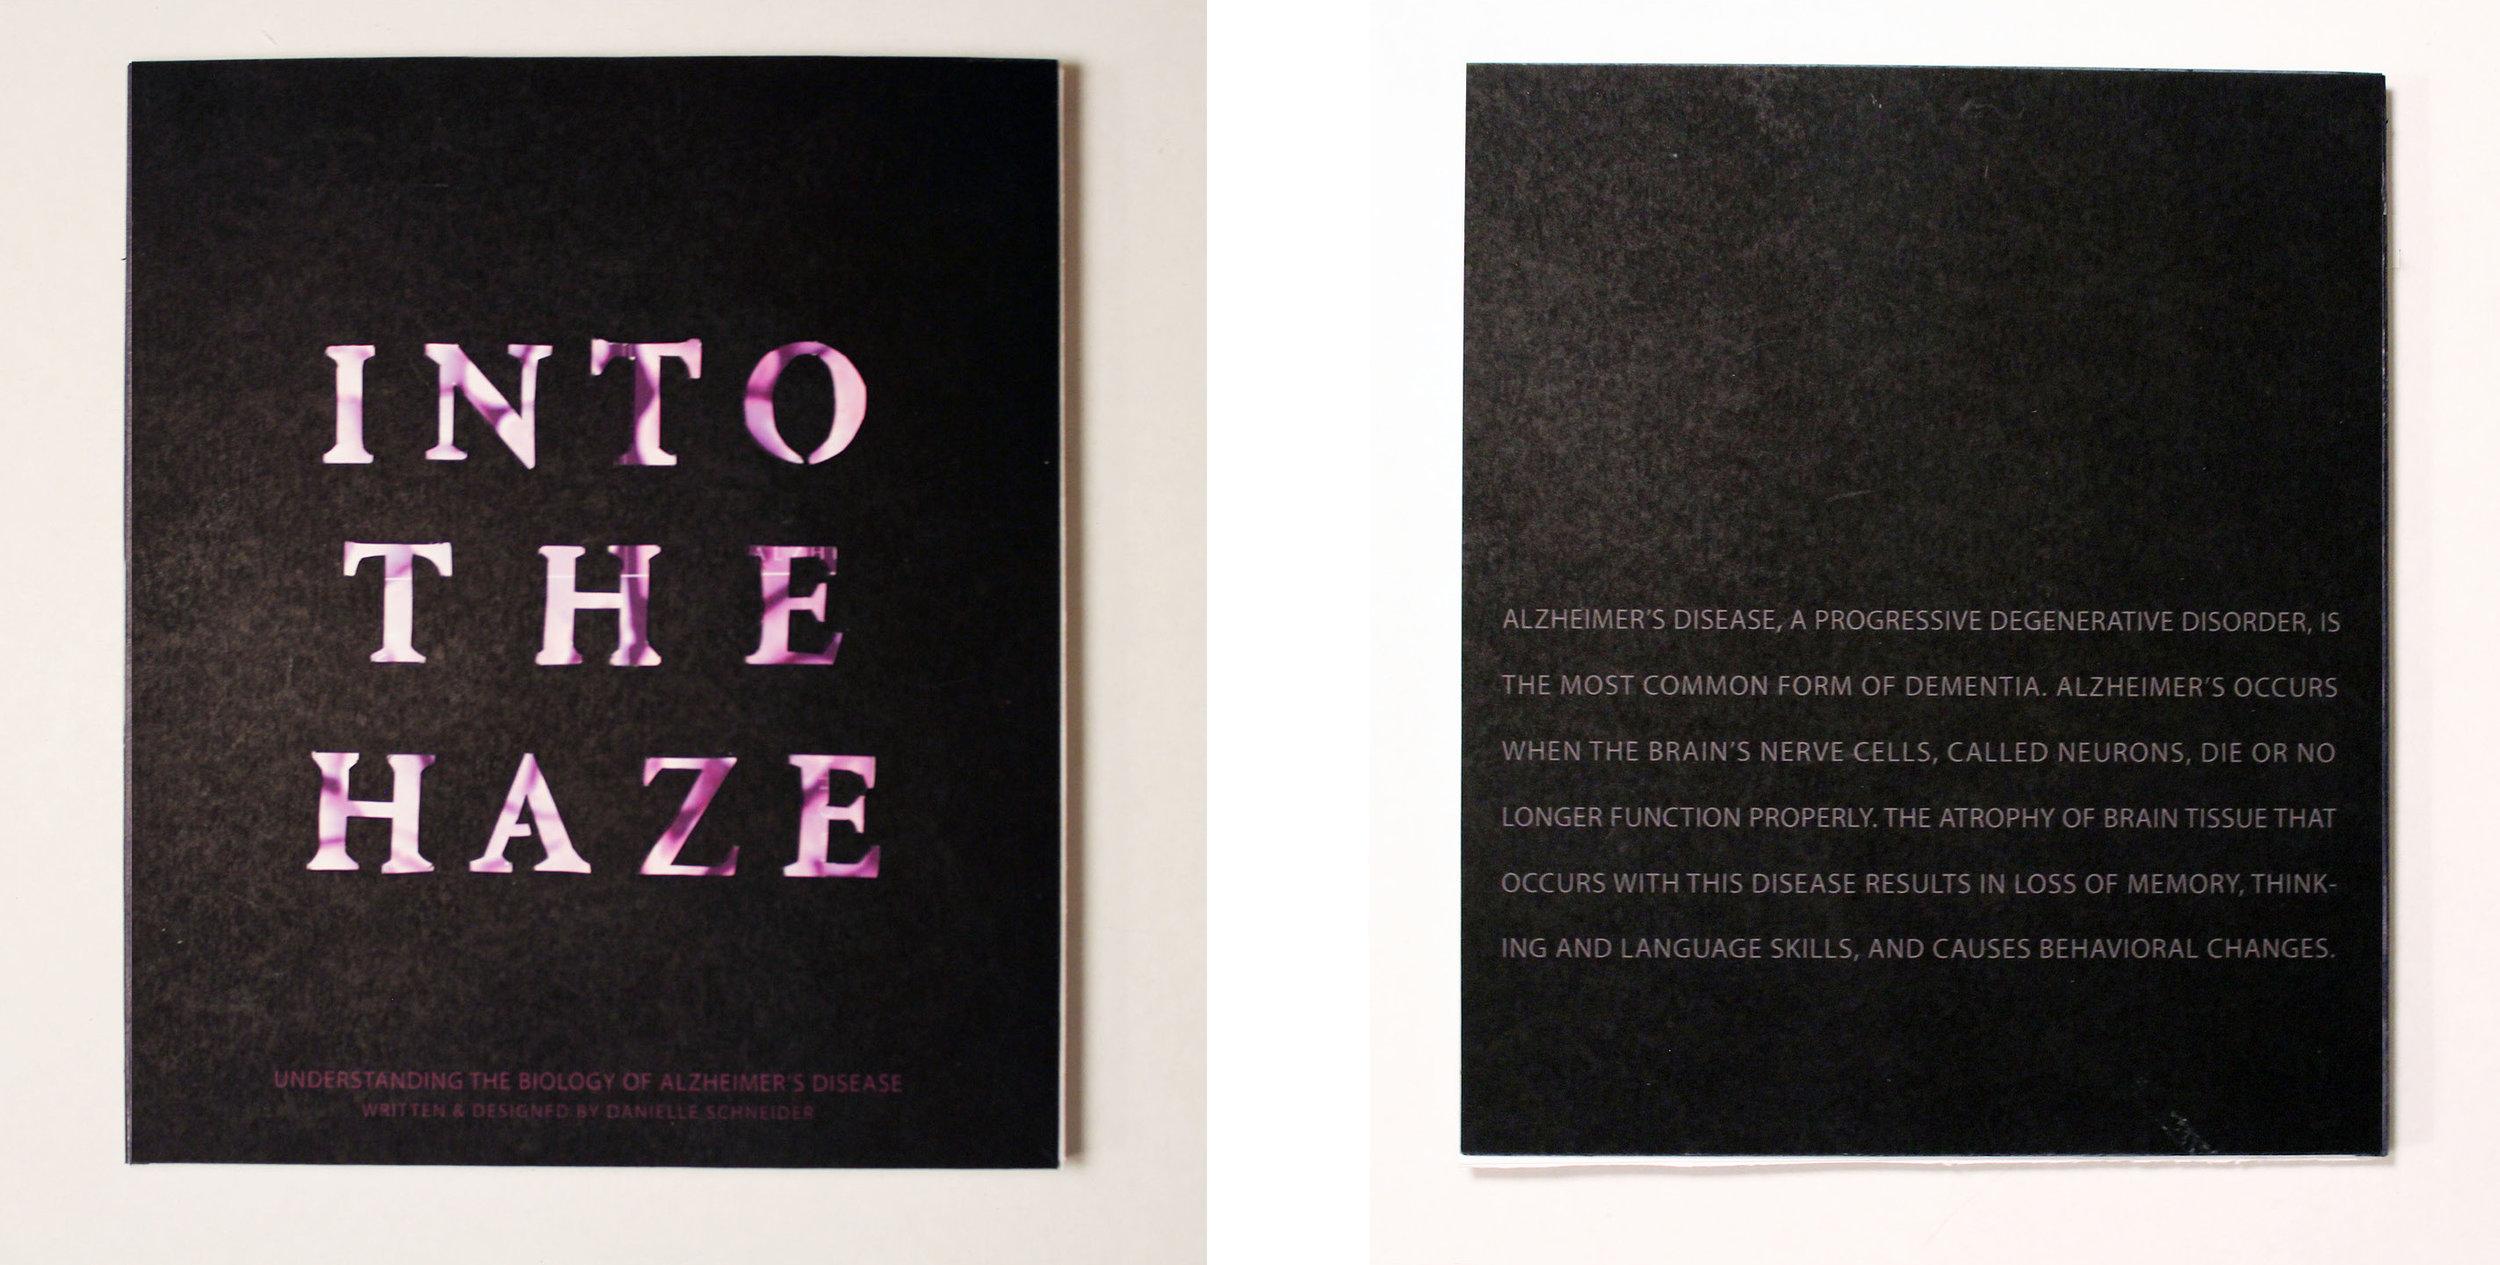 design by Danielle Schneider